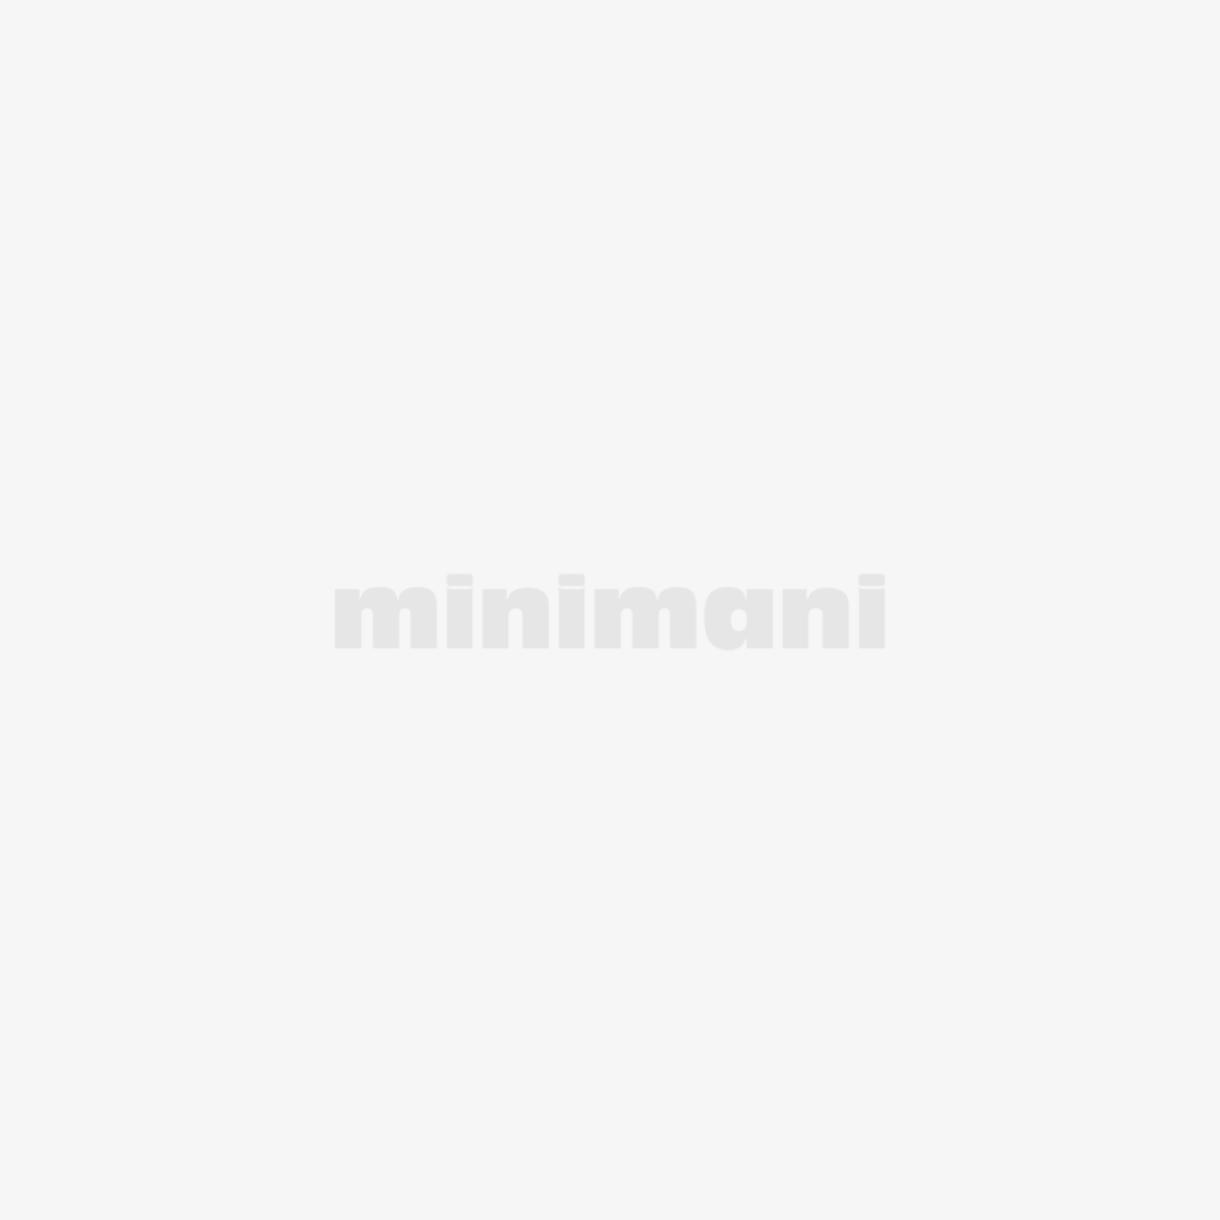 ALBUMI 100 KUVALLE, 1-VÄRINEN